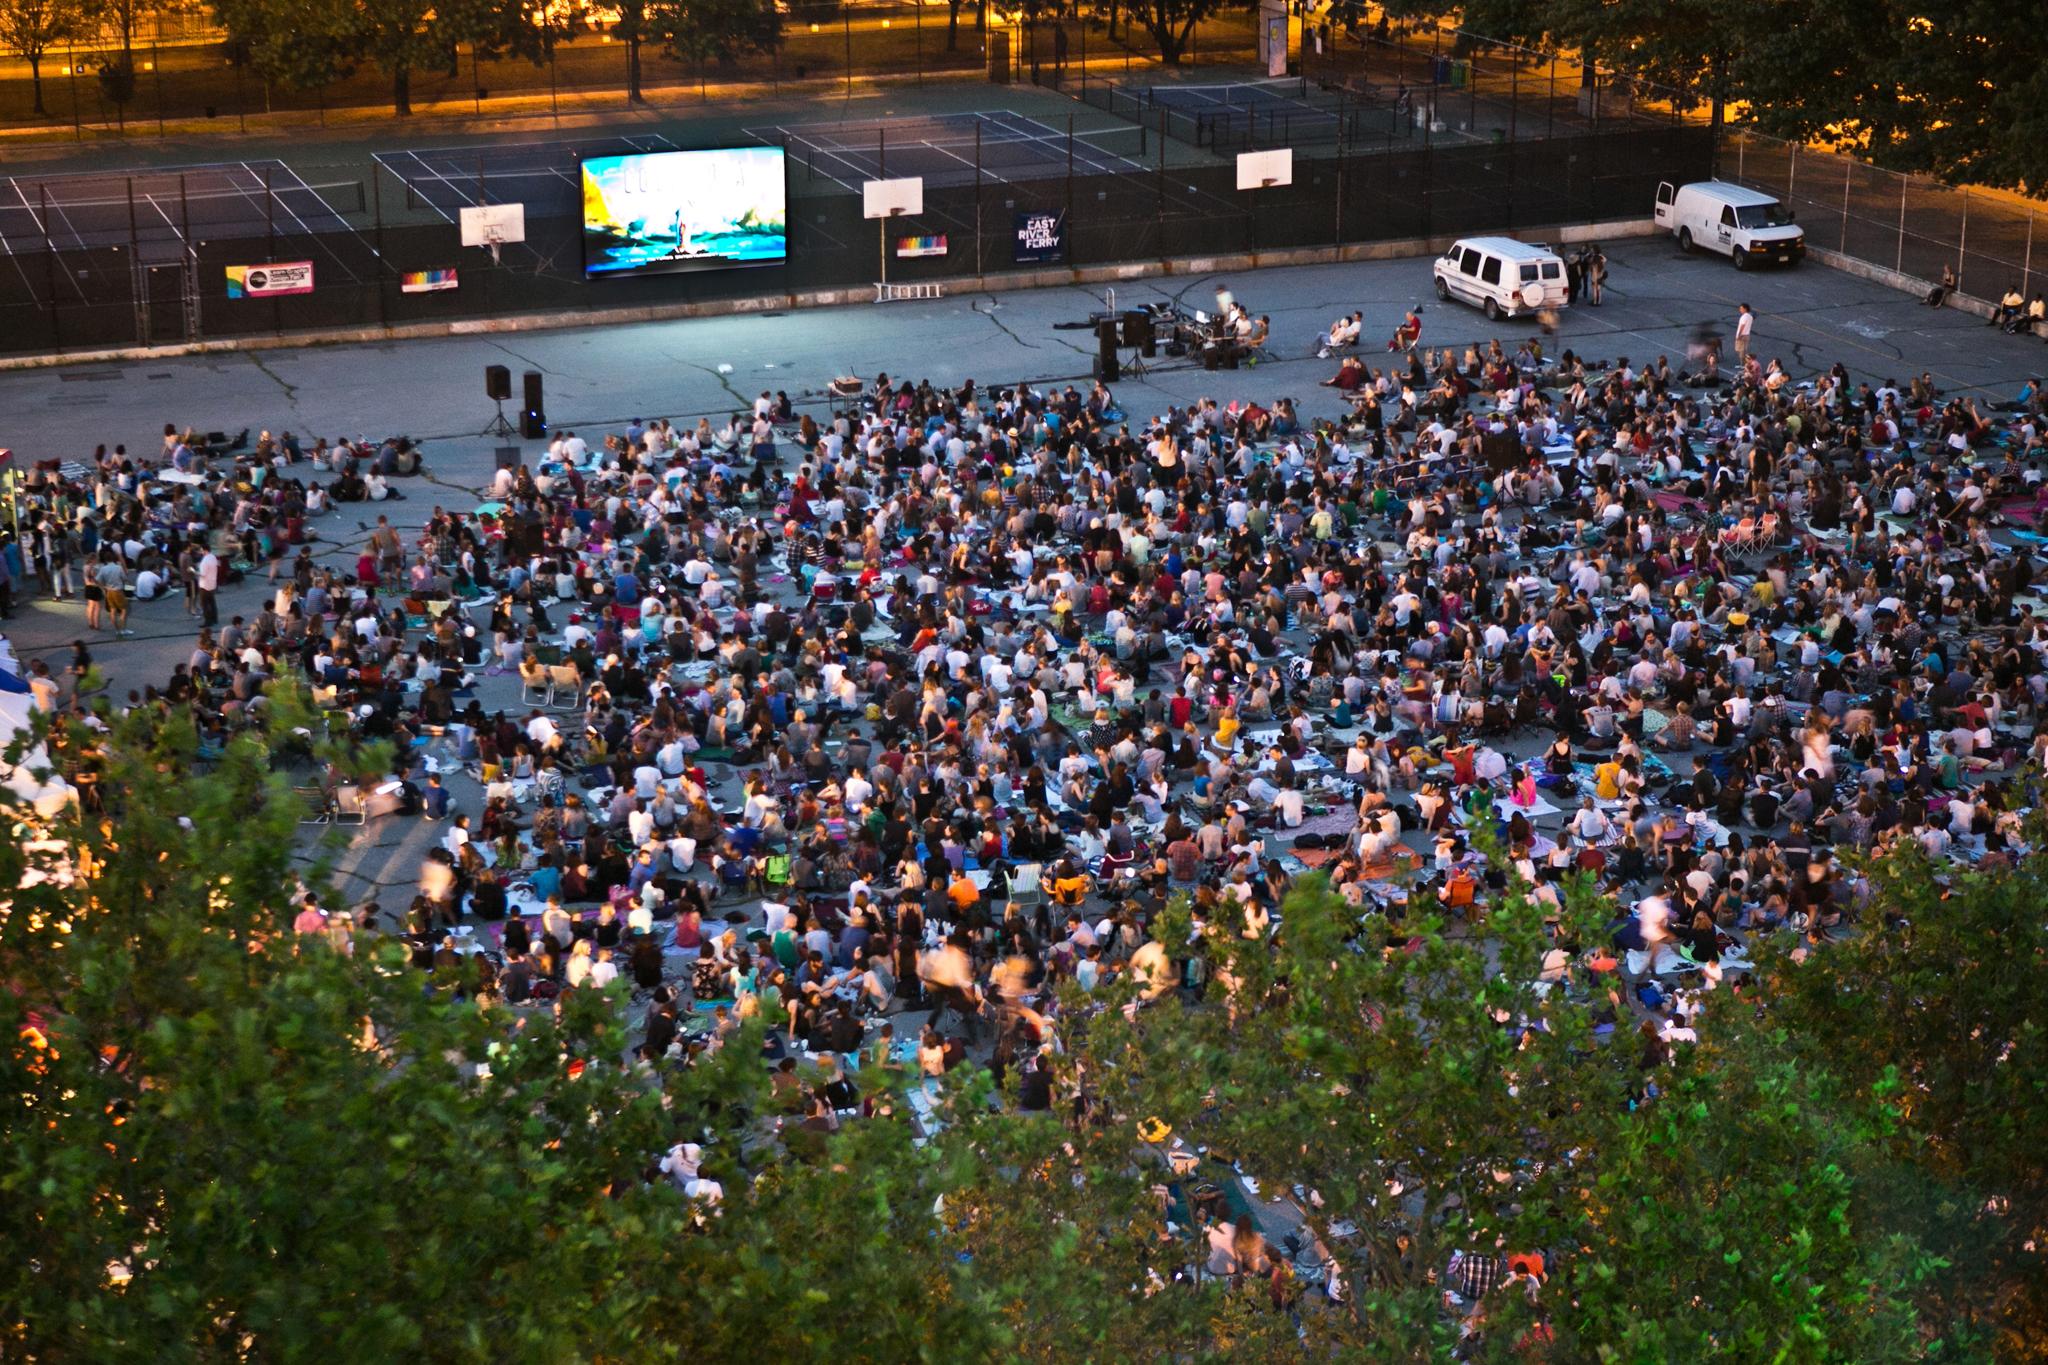 SummerScreen releases lineup for outdoor movies in McCarren Park